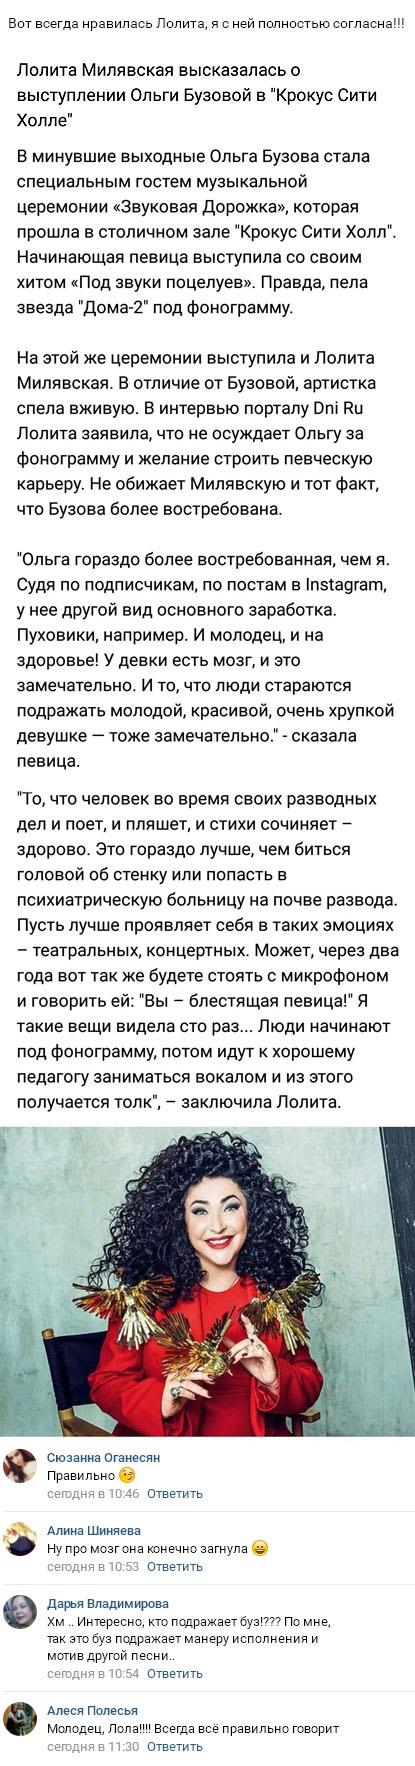 Лолита Милявская высказалась в адрес Ольги Бузовой